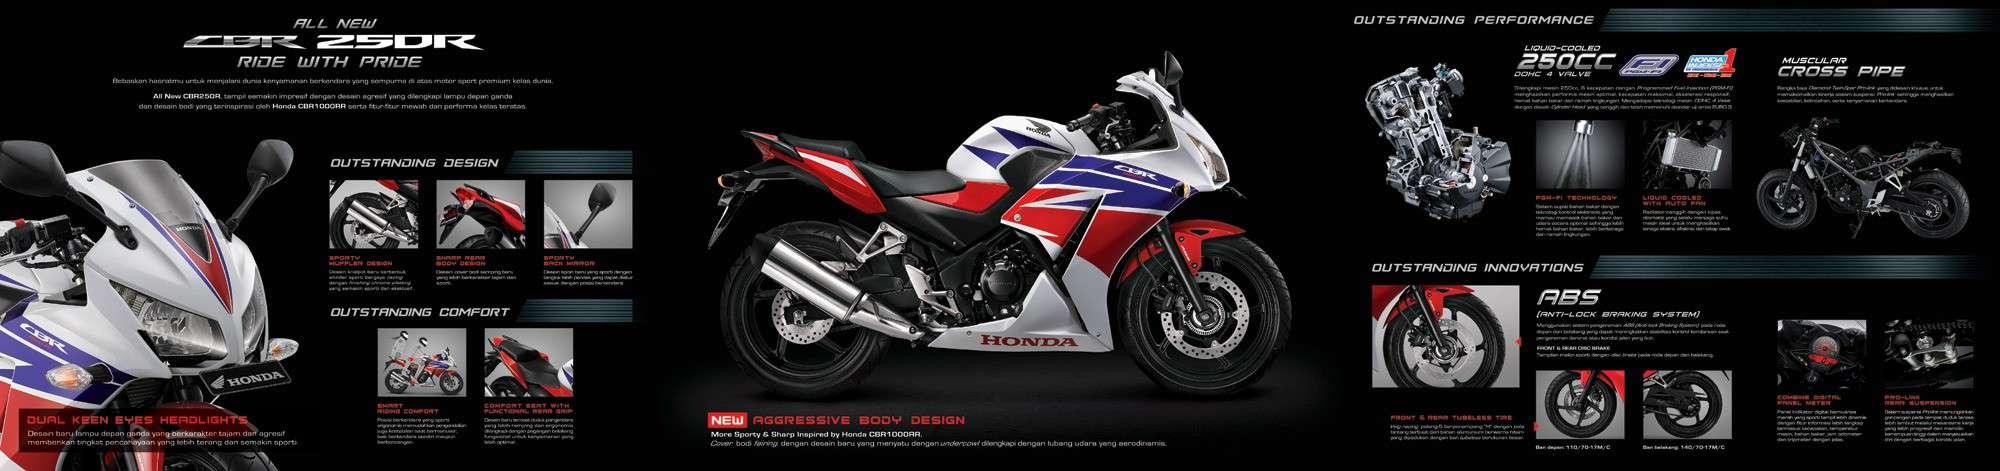 Brosur Motor Honda CBR 250R - 2